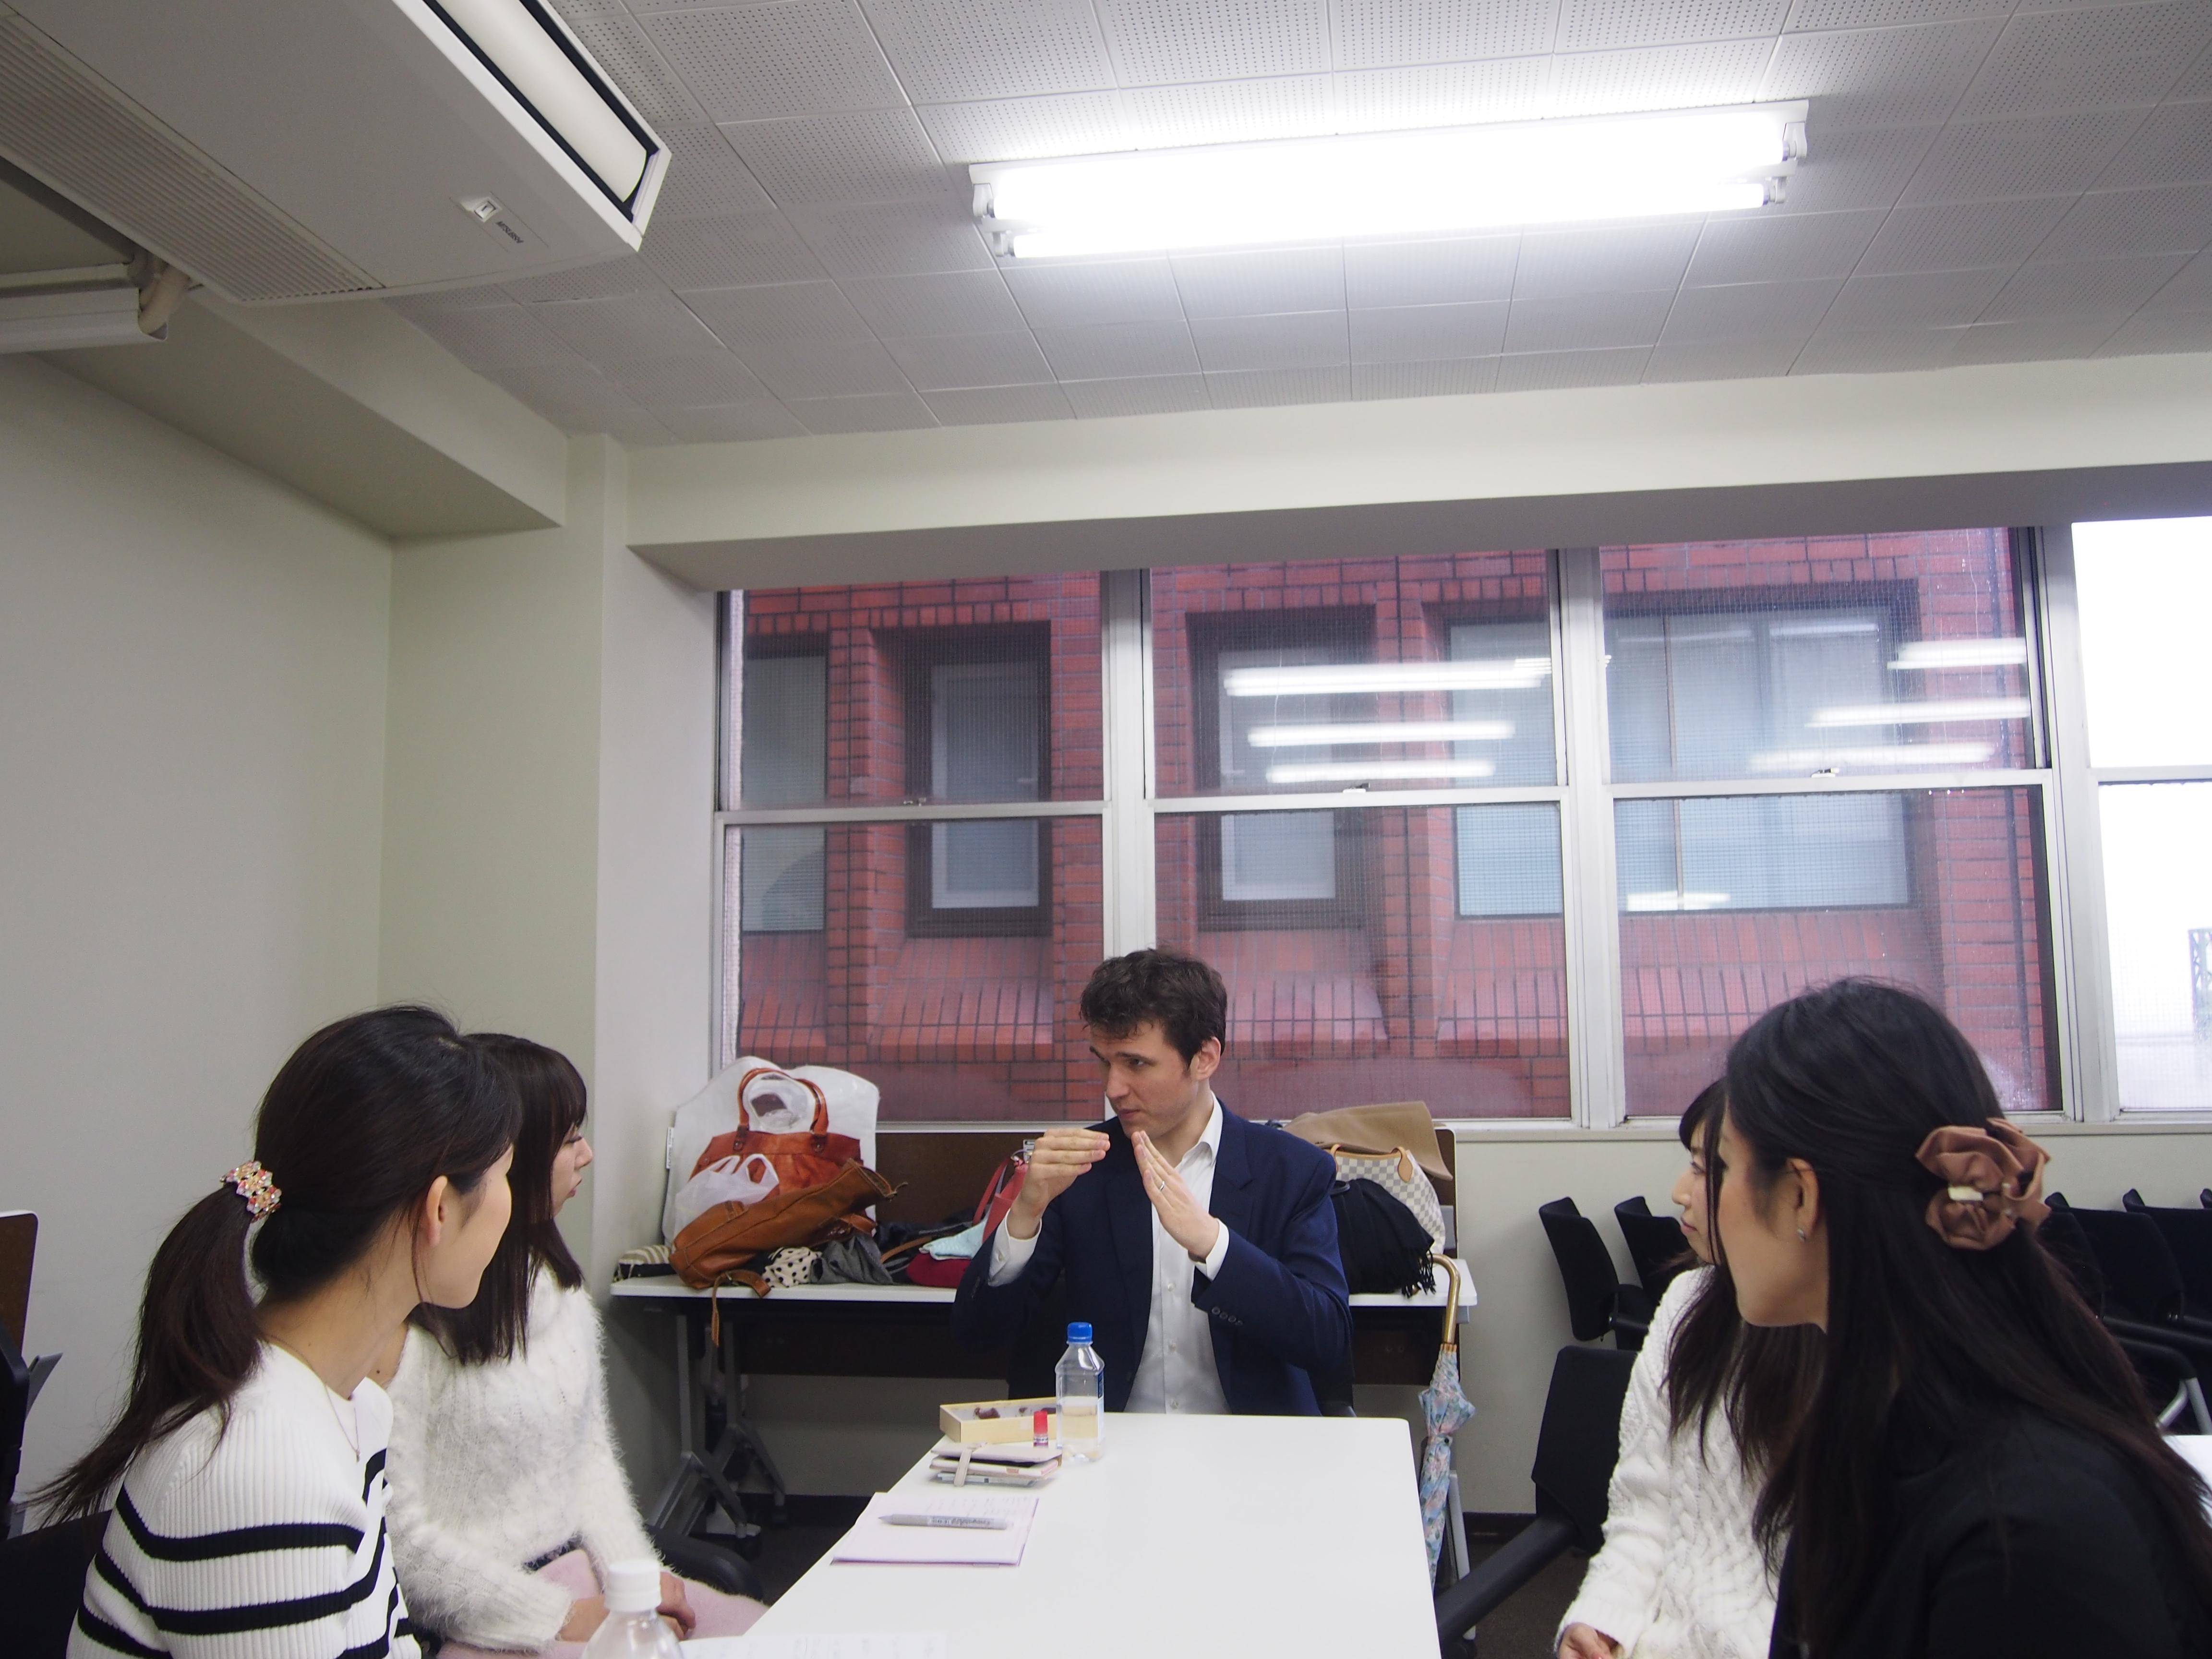 インバウンド対策や福利厚生に最適。語学研修・インバウンド研修プログラム